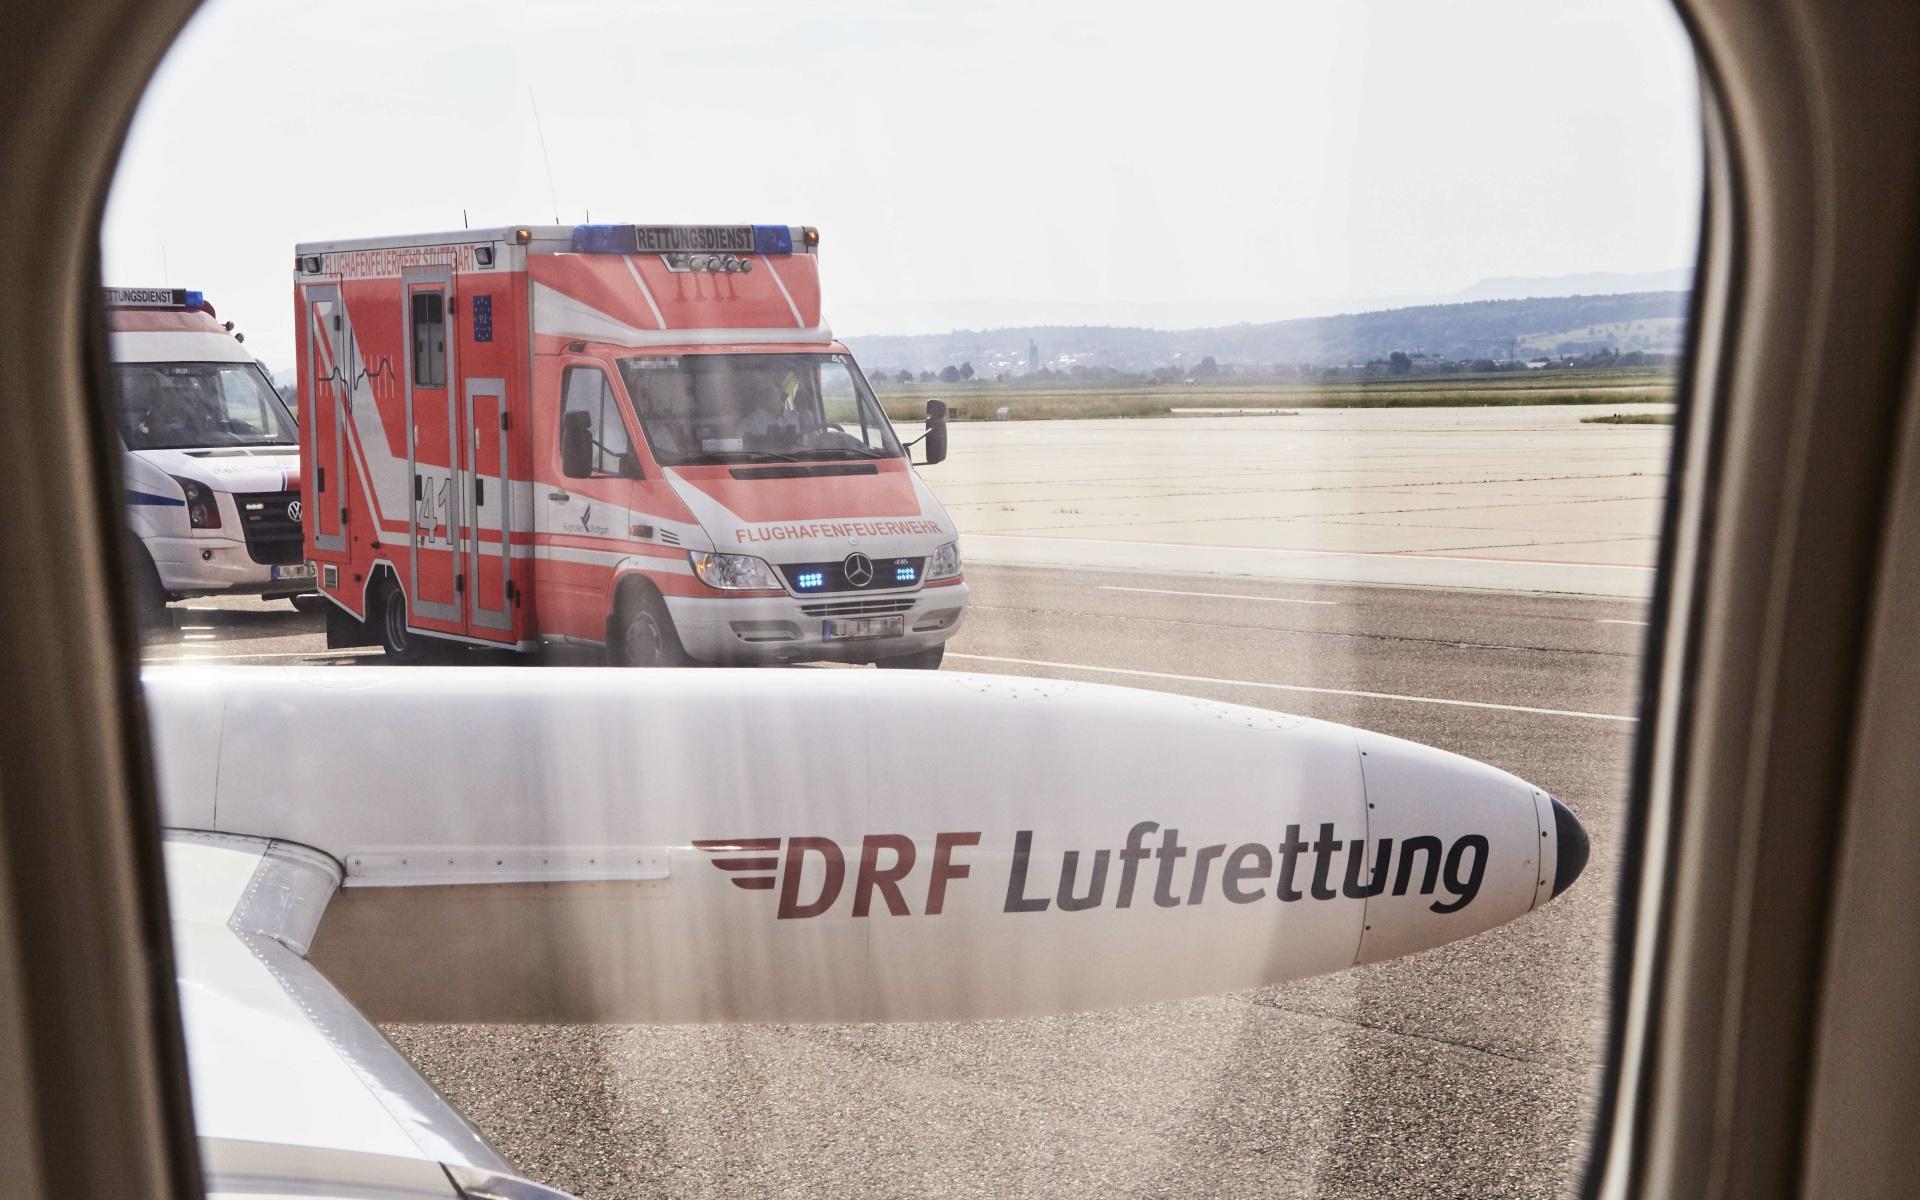 Am Stuttgarter Flughafen zeigte der erste Blick aus dem Learjet: der Rettungswagen für die Fahrt nach Ulm (ganz links) steht schon bereit. (Foto: Jens Pussel)